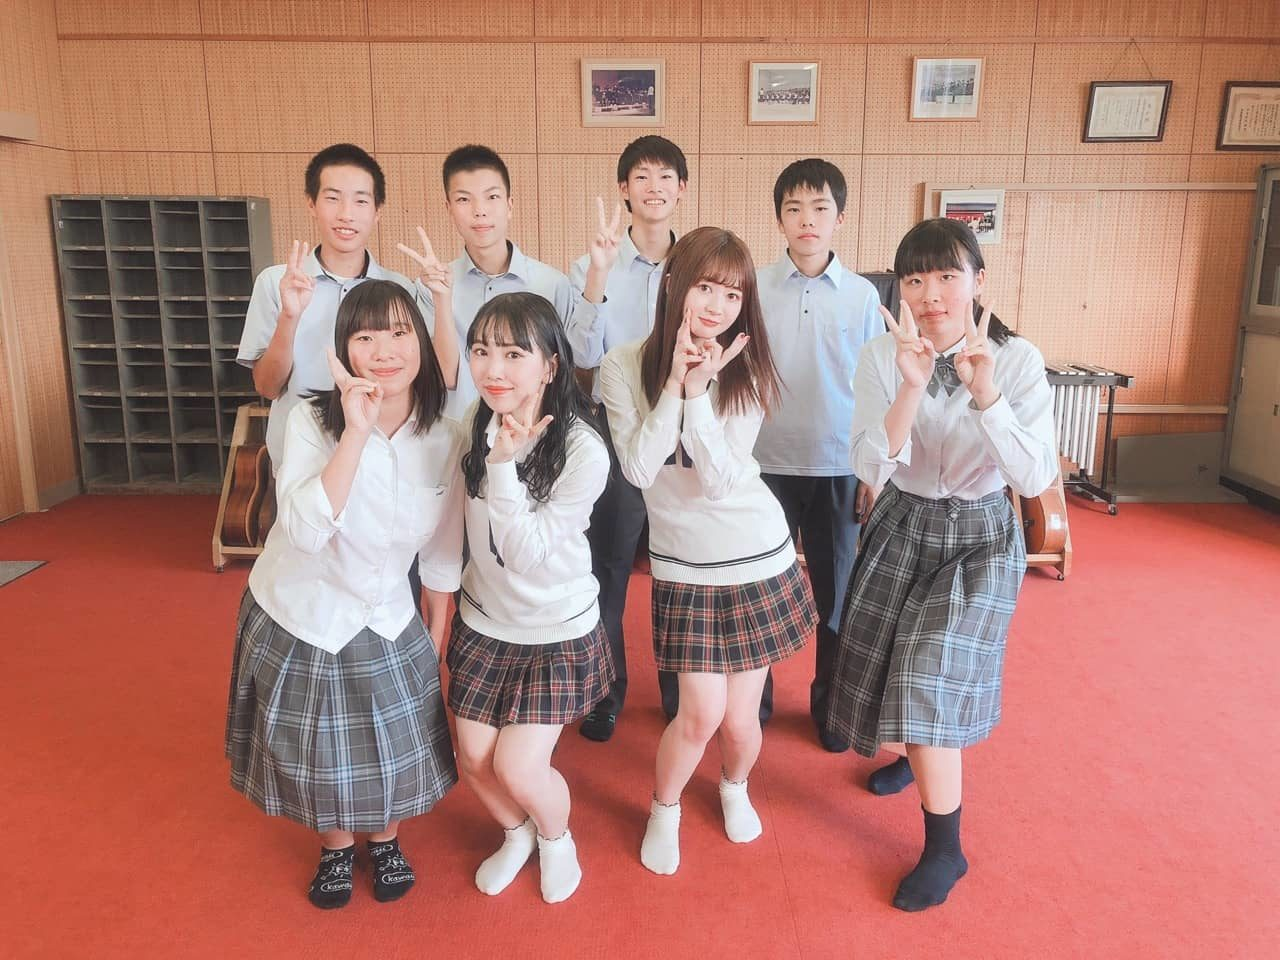 SKE48 江籠裕奈&熊崎晴香が出演! 東海テレビ「SKE48は君と歌いたい」 [10/29 21:54~]